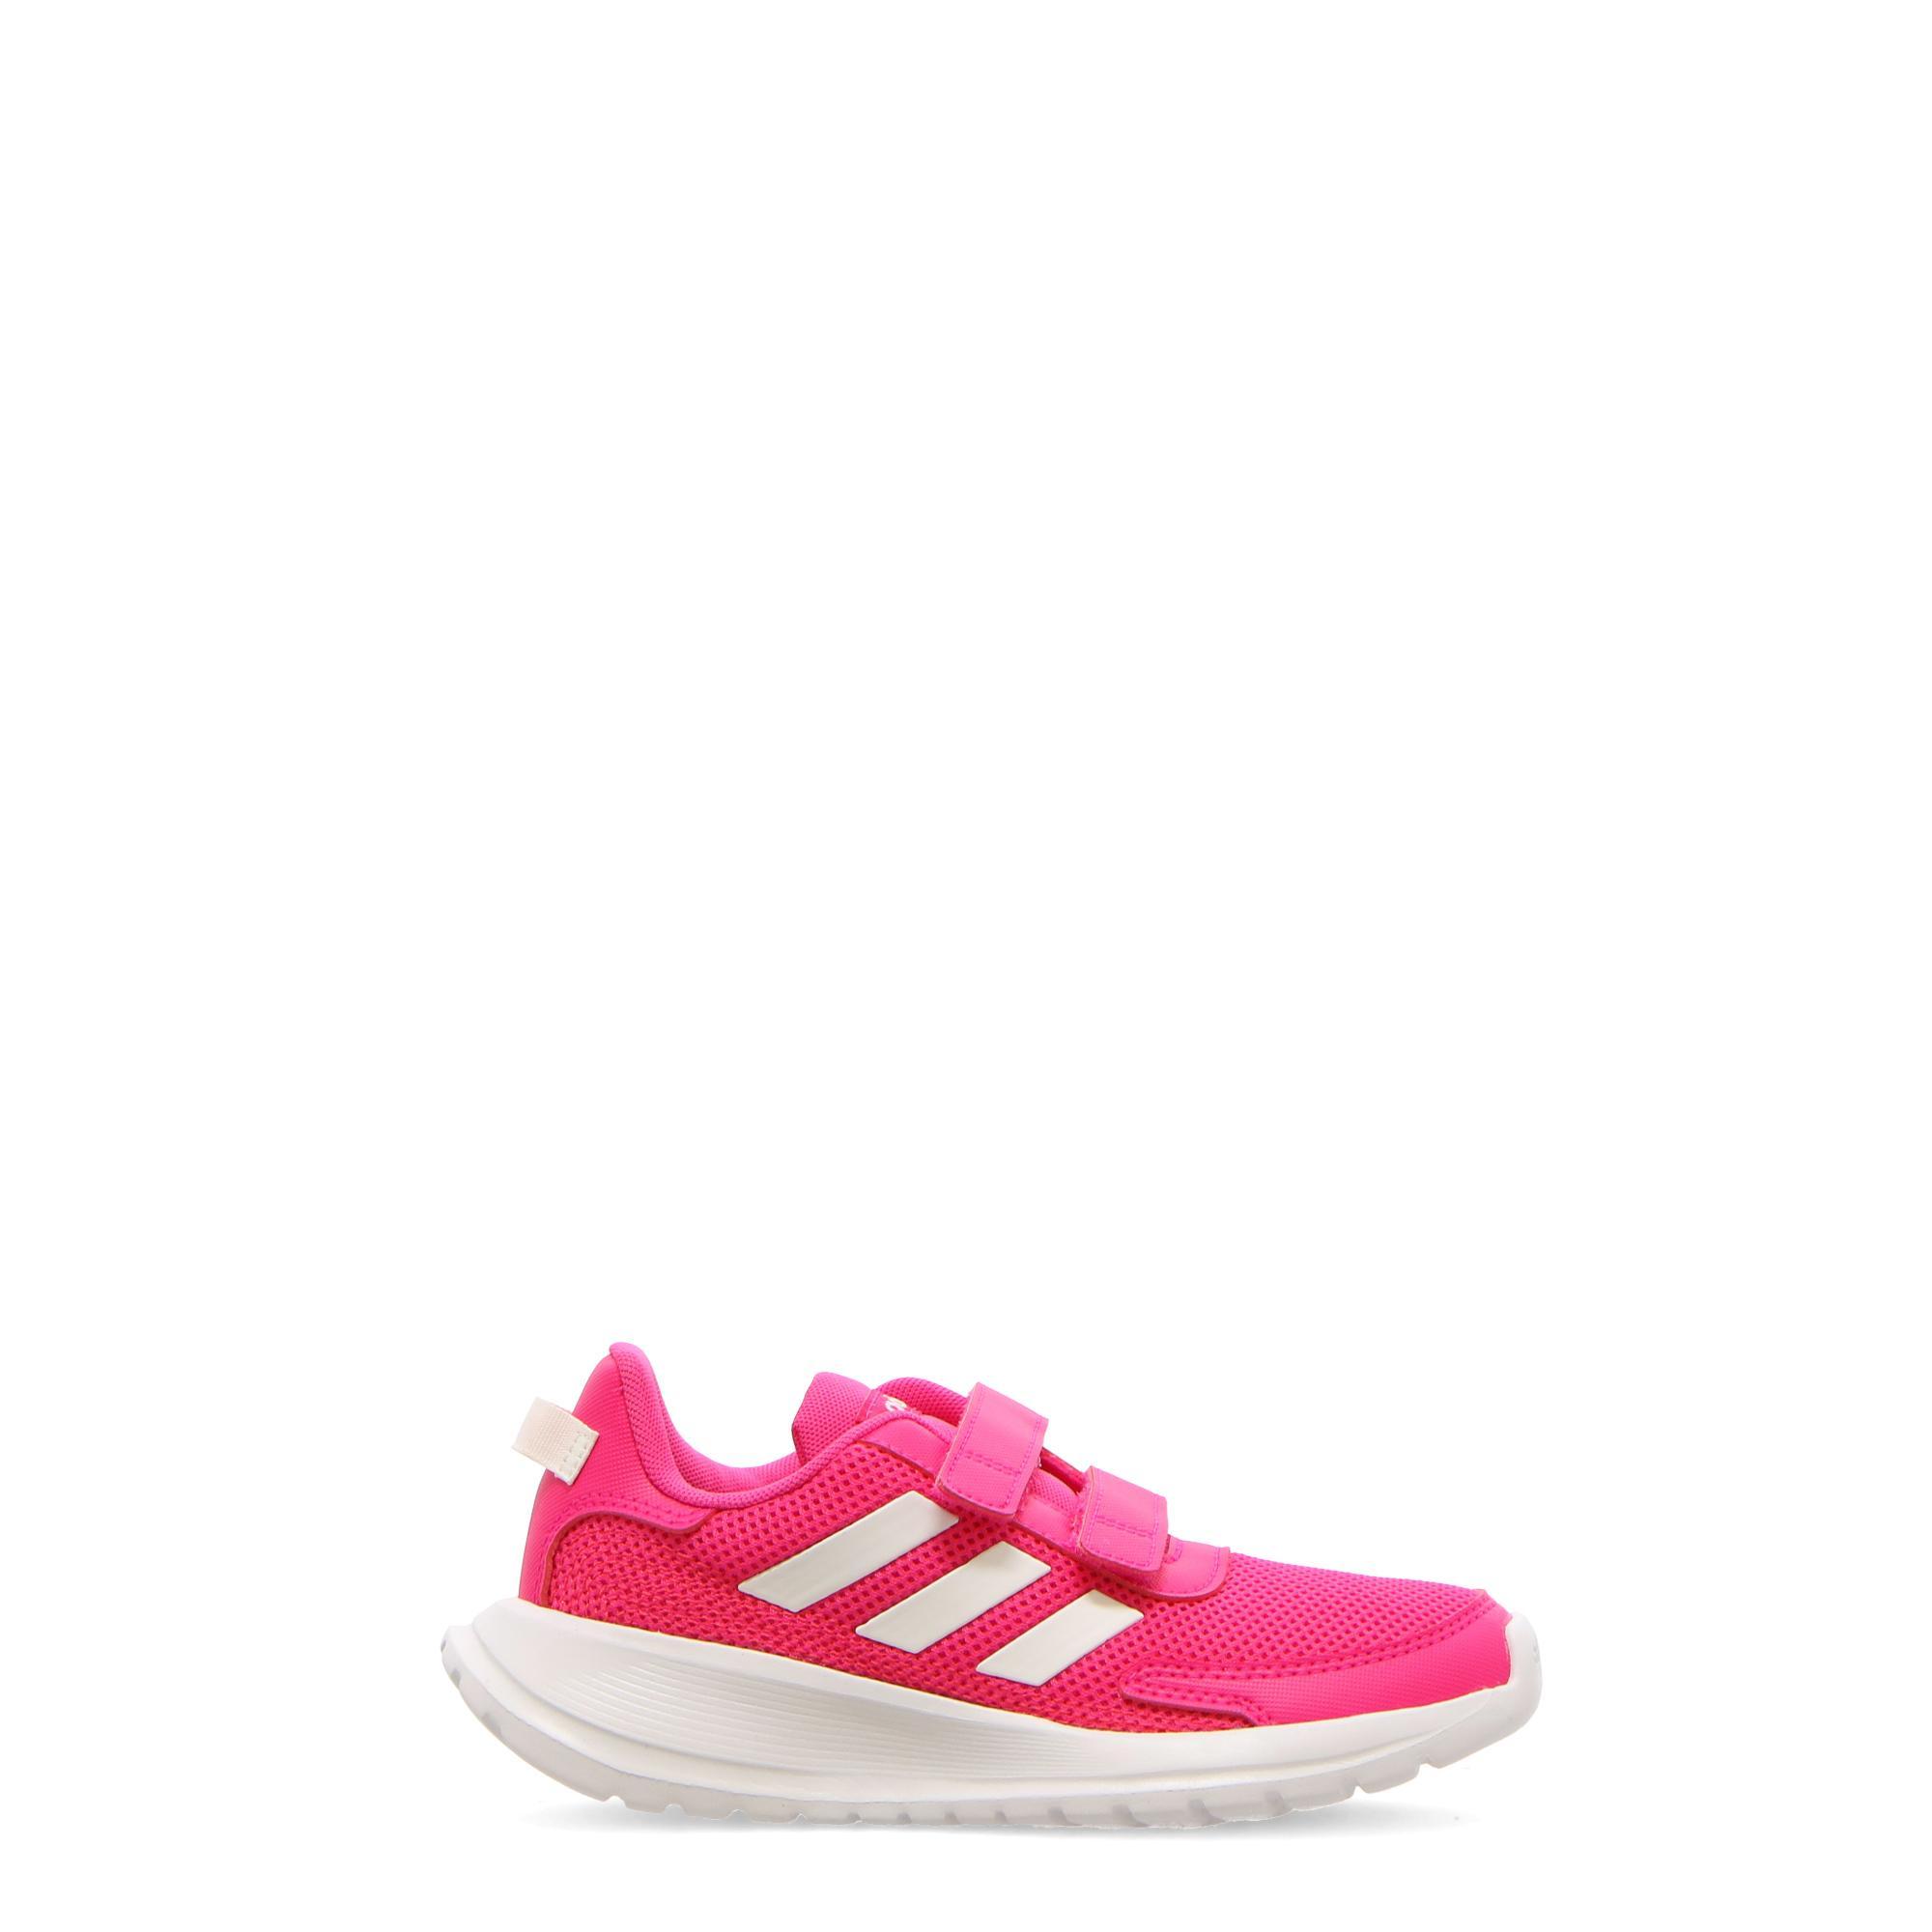 Adidas Tensaur Run C Shock pink white shock red